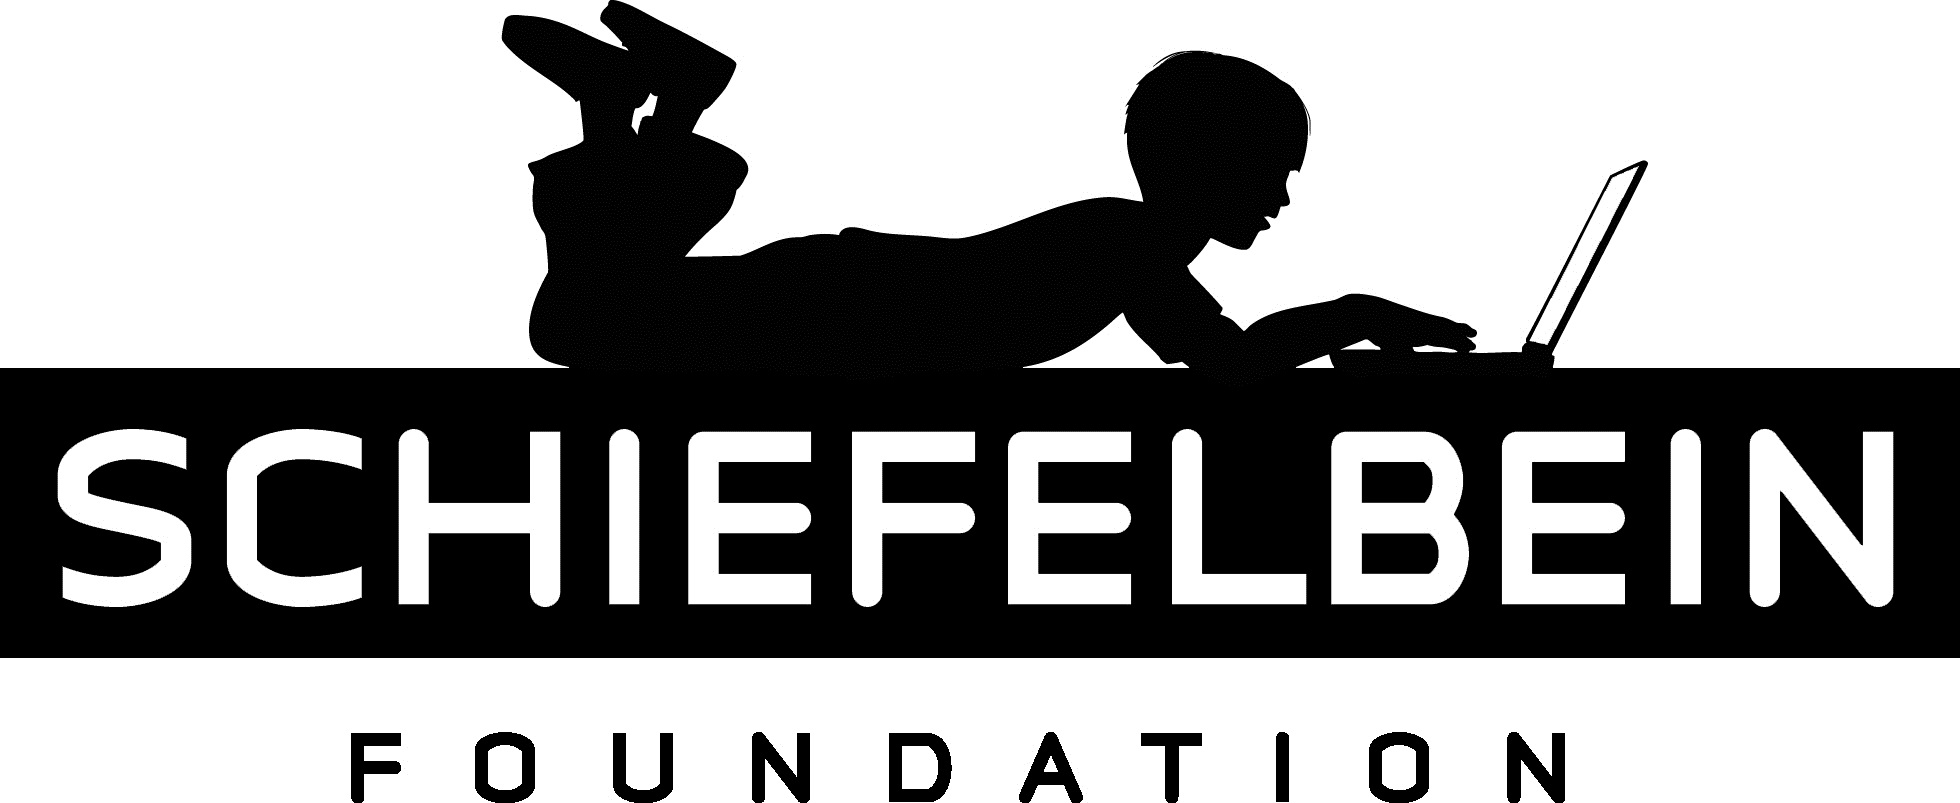 Schiefelbein Foundation